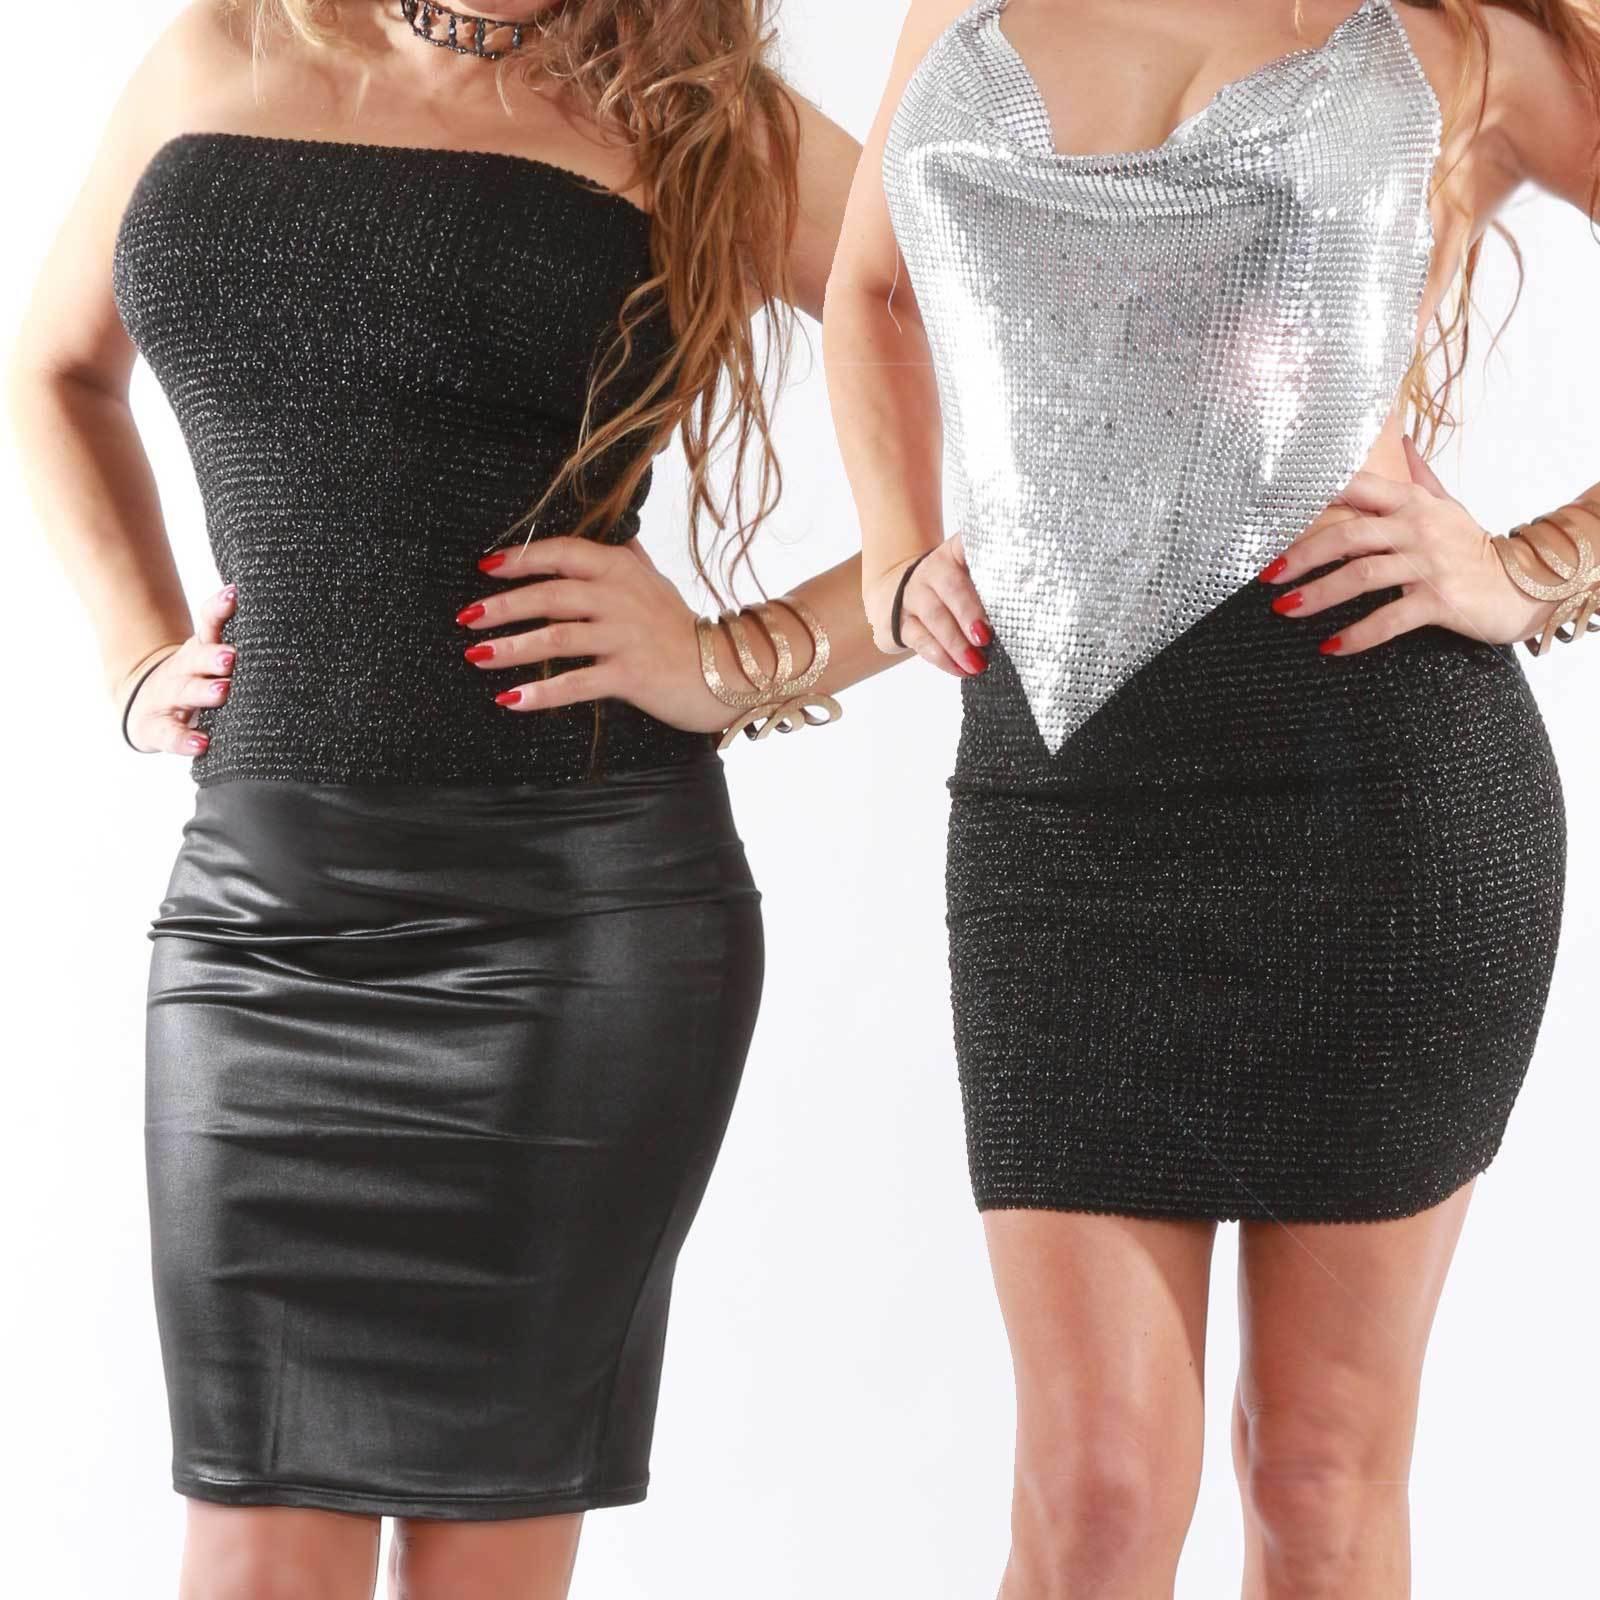 Spagetti Träger glamour Top weiss schimmernd Einsatz  silber glitzer Glam